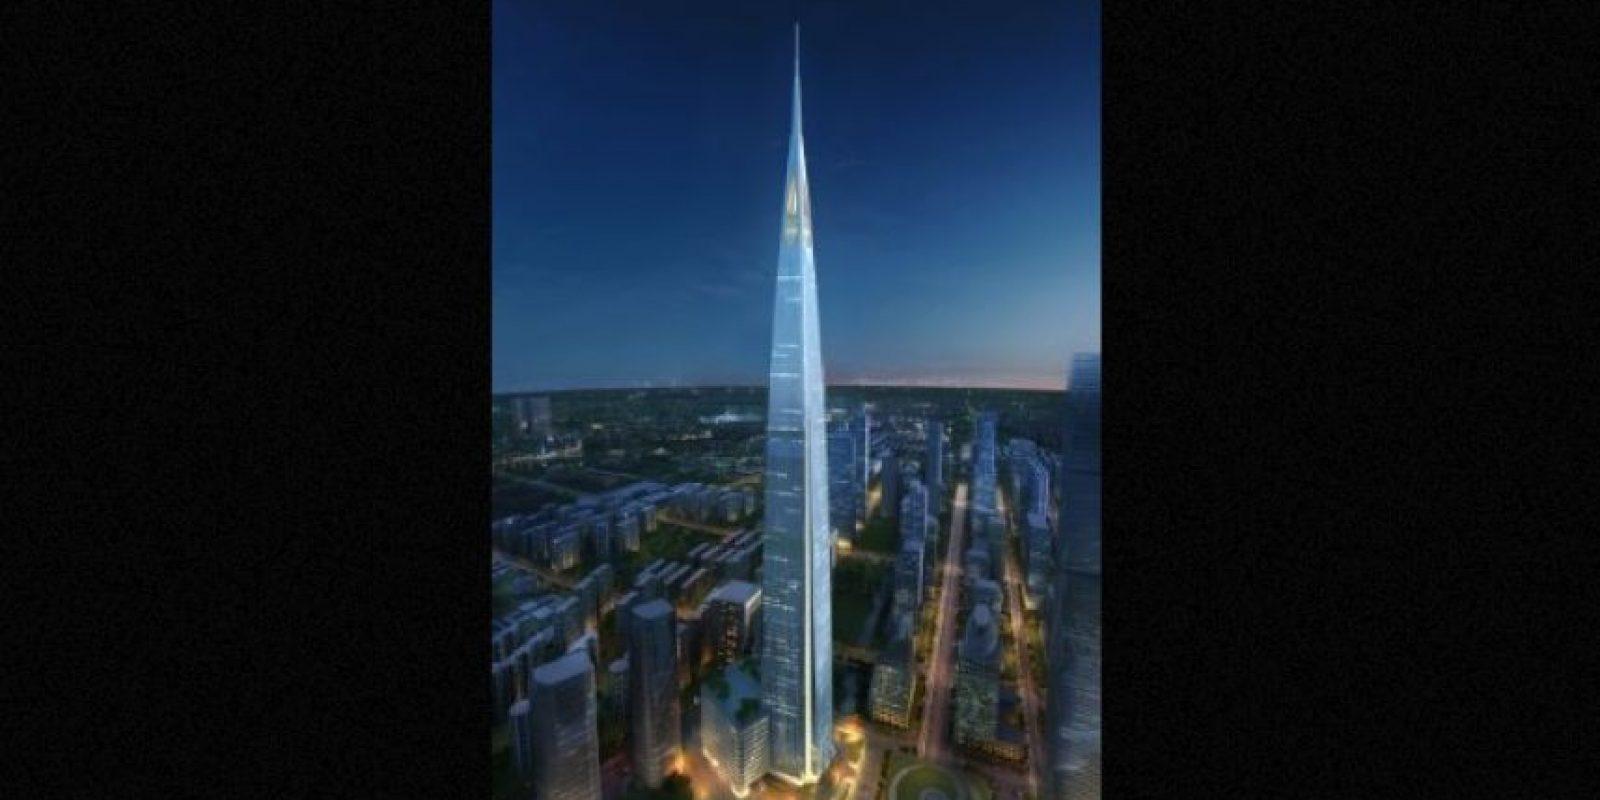 2. Suzhou Zhongnan Center, (China). Con 138 pisos y 729 metros (2392 pies) de altura será completado en 2020. Foto:Foto: Gensler – Skyscrapercenter.com